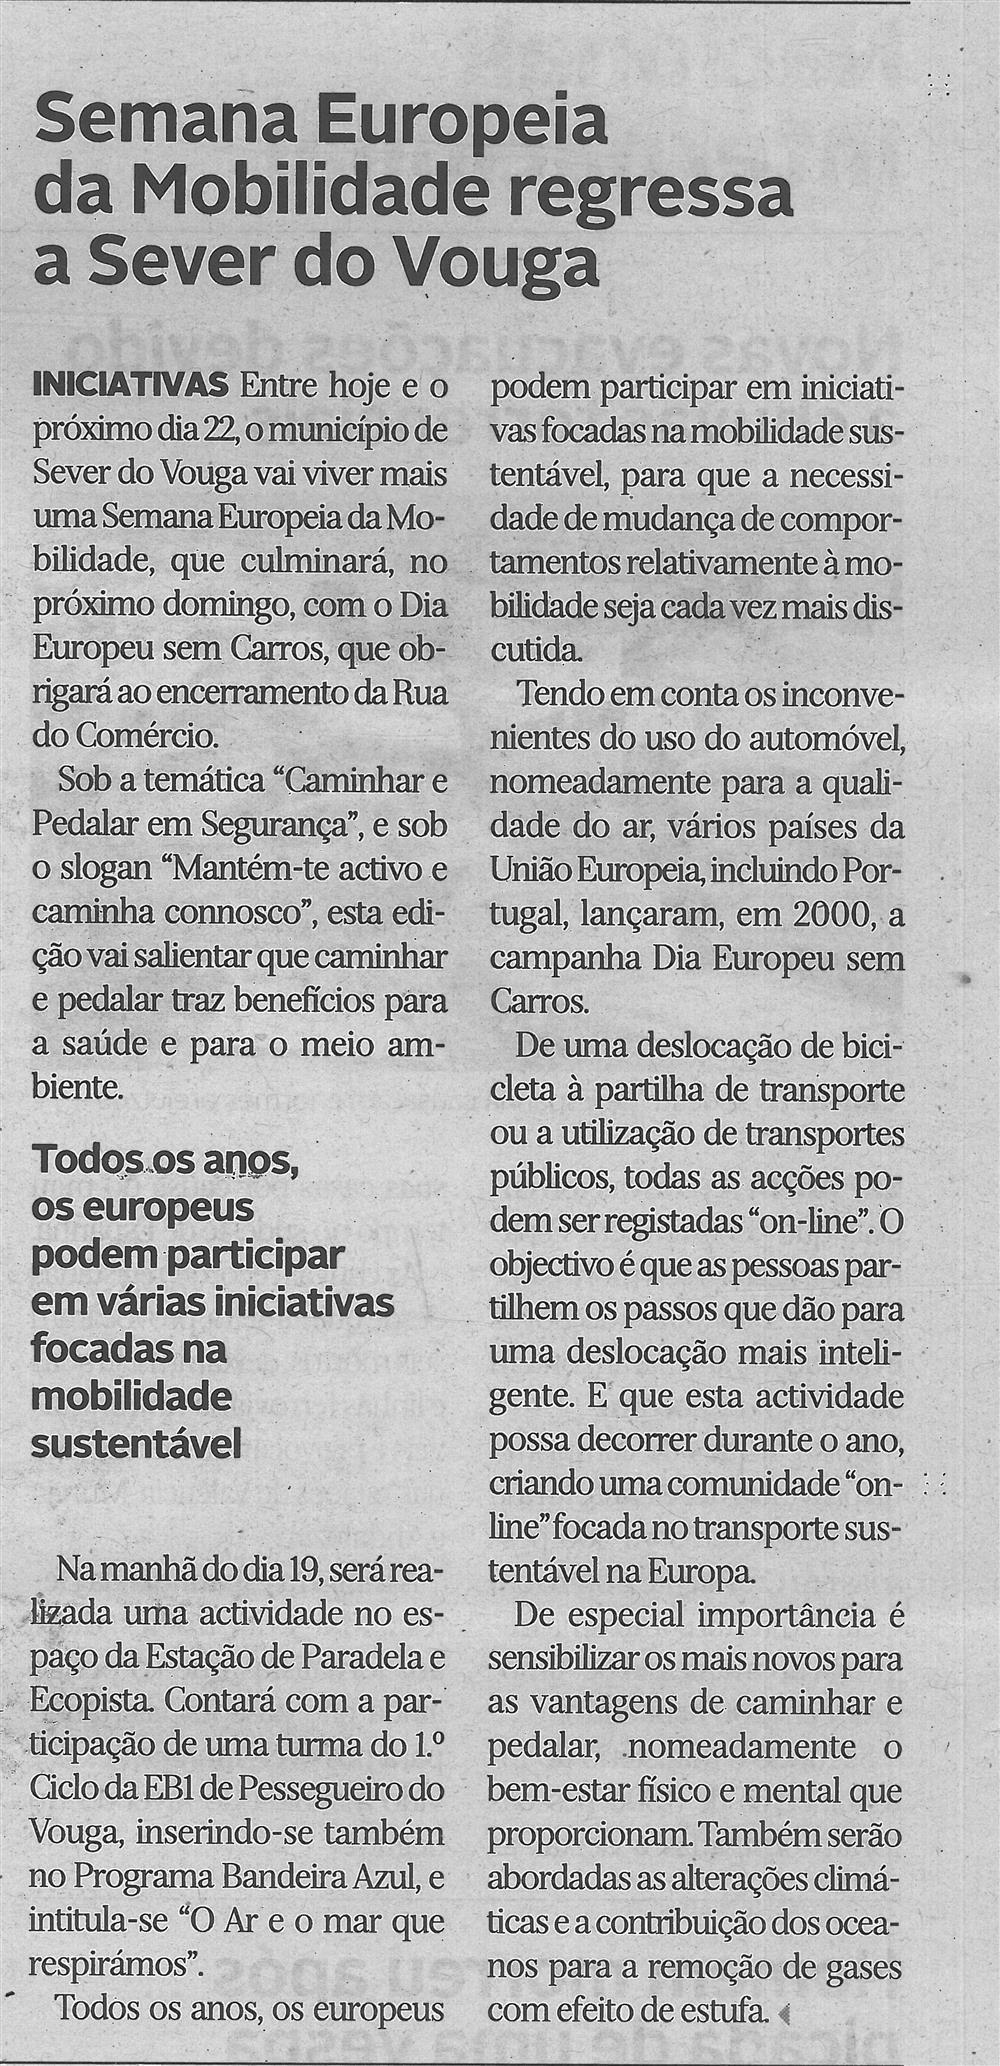 DA-16set.'19-p.21-Semana Europeia da Mobilidade regressa a Sever do Vouga.jpg